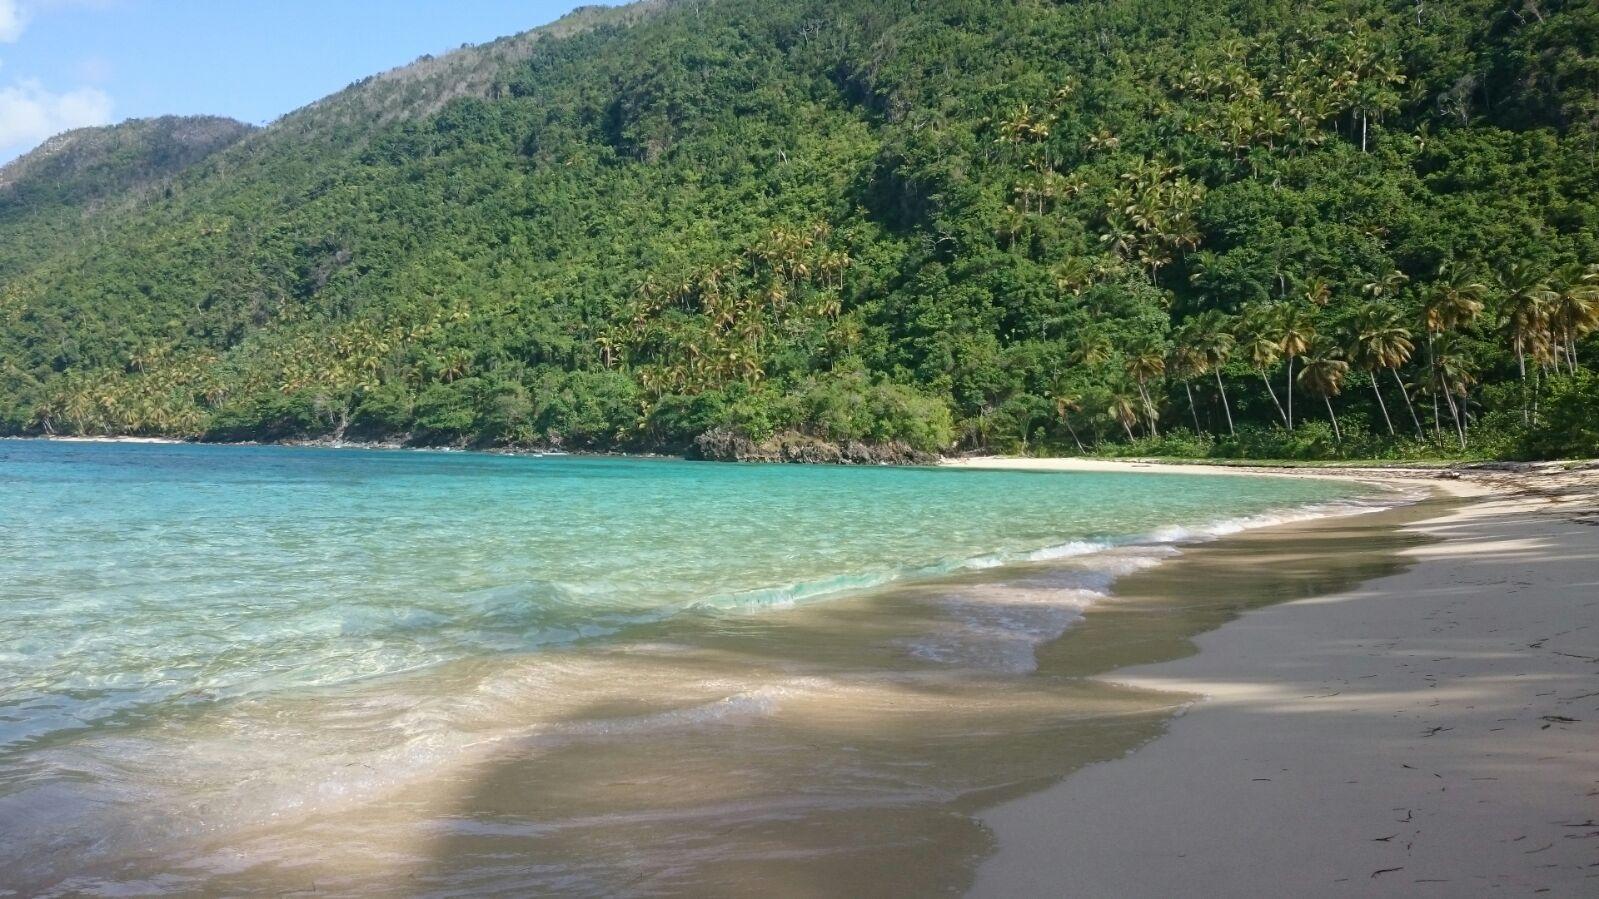 Playa Ermitaño: Una playa escondida en Samaná, República Dominicana